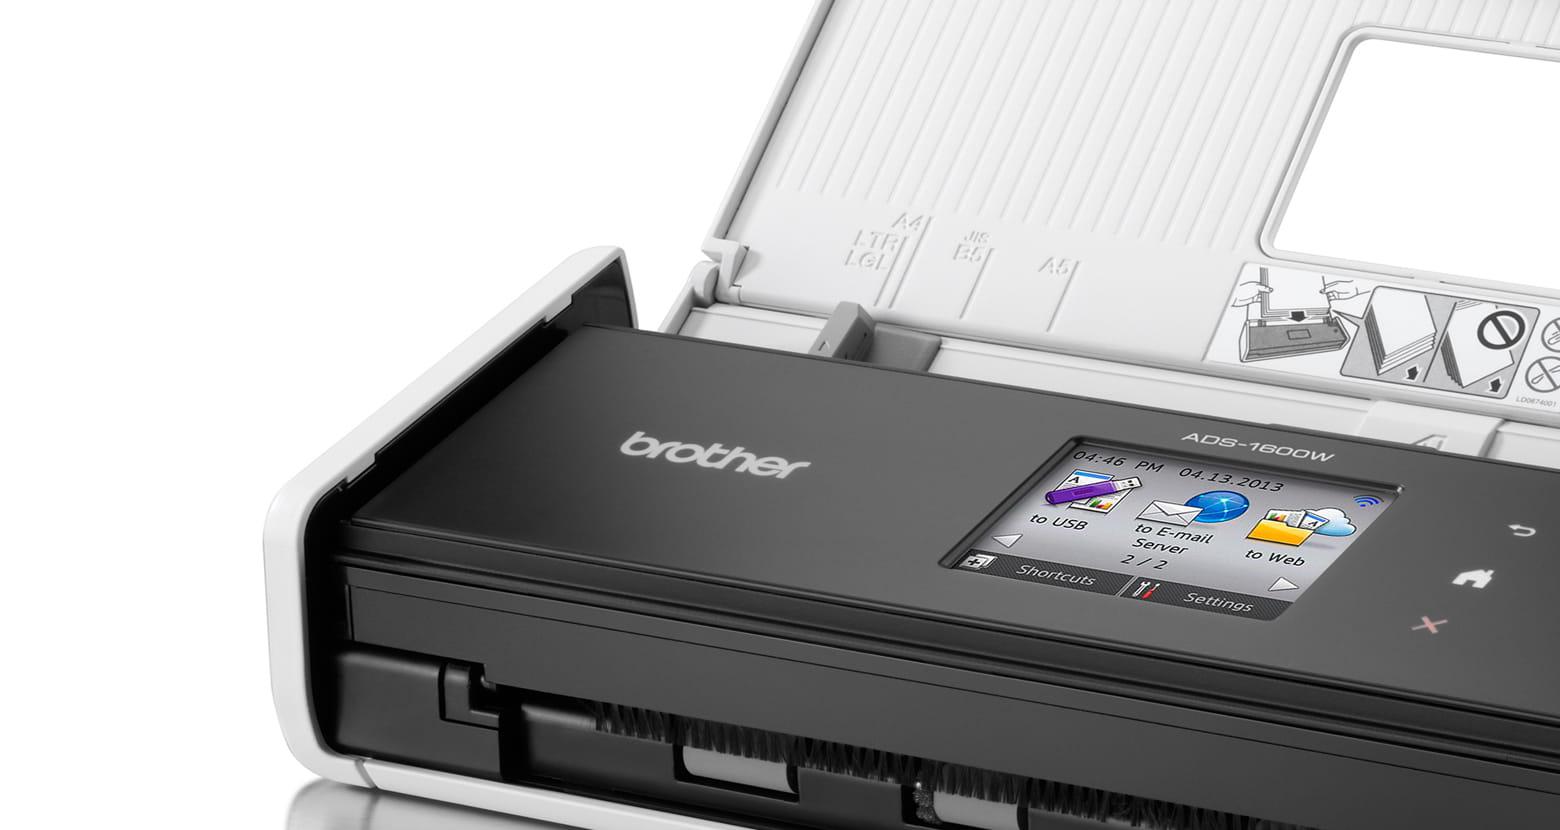 Brother kompakt scanner